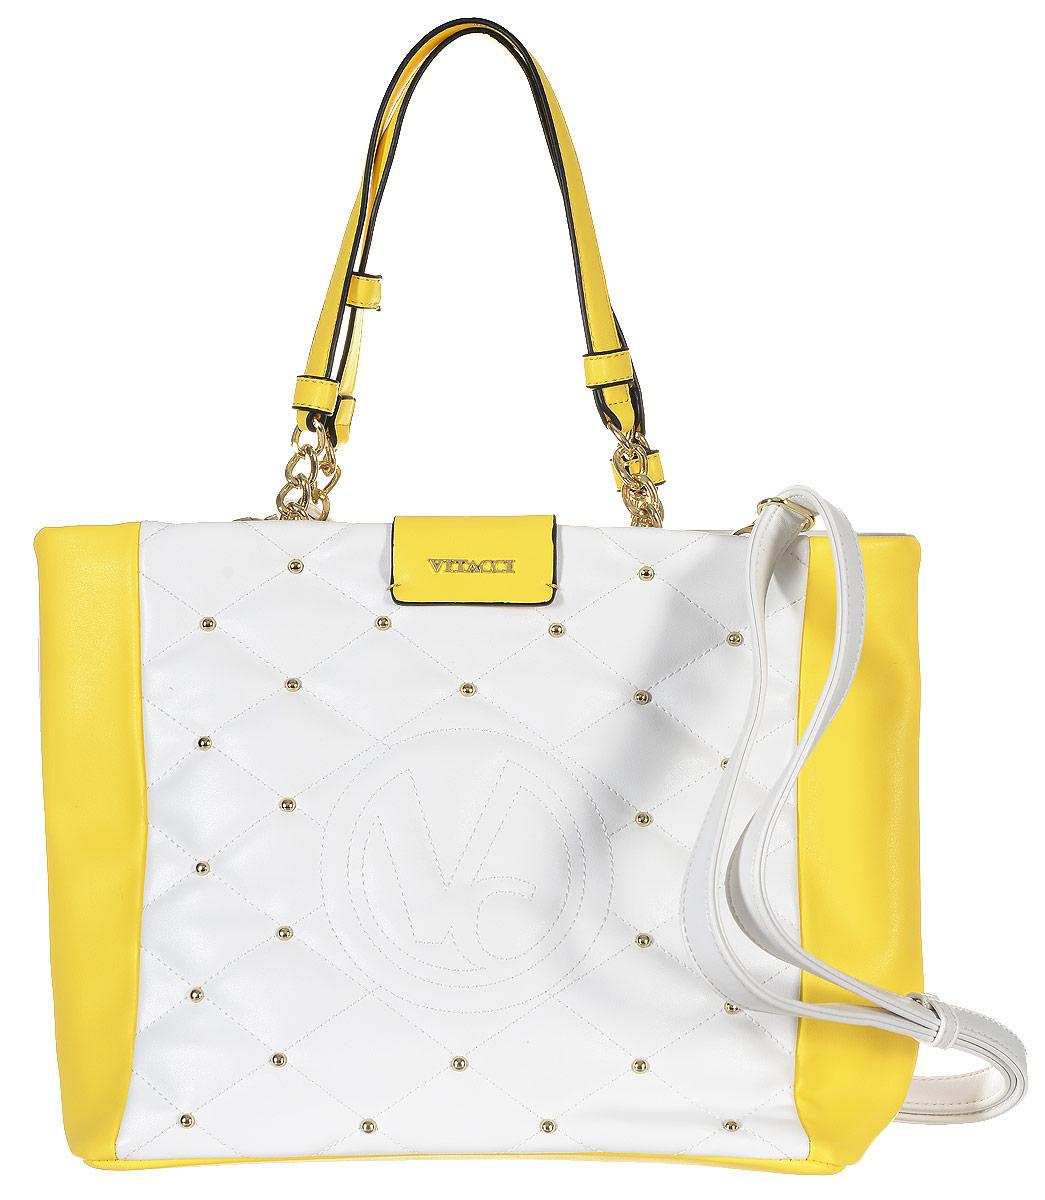 Сумка женская Vitacci, цвет: белый, желтый. 63505-523008Изысканная женская сумка Vitacci из искусственной кожи, оформлена декоративной прострочкой и фурнитурой золотистого цвета. Сумка закрывается на замок-молнию. Ручки сумки комбинированные, состоят из оригинальной плетеной металлической цепочки и кожи. Внутри два глубоких отделения, разделенные карманом-средником на молнии. Вместительные внутренние отделения содержат два накладных кармана для телефона и мелких принадлежностей, а также врезной карман на молнии. Лицевая сторона украшена вышитым декоративным элементом с логотипом фирмы. Снаружи на задней стенке сумки размещен вшитый карман на молнии. Сумка оснащена съемным плечевым ремнем регулируемой длины, которые позволят носить изделие как в руках так и на плече. Роскошная сумка внесет элегантные нотки в ваш образ и подчеркнет ваше отменное чувство стиля.